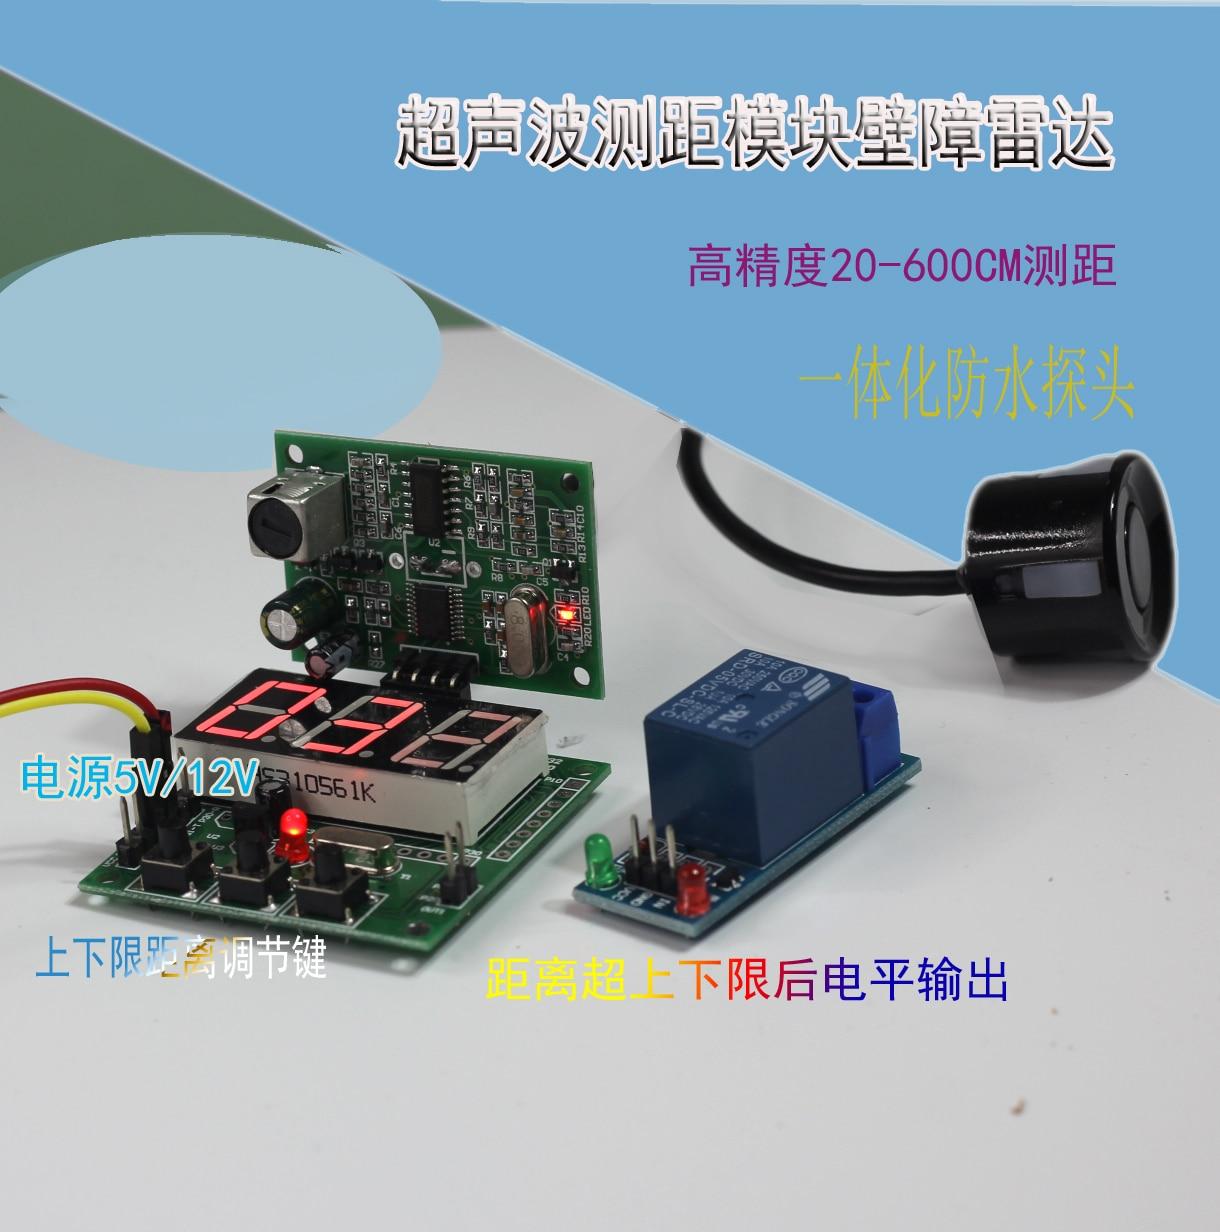 Ultrasound Radar Ranging 0.2-5 M Adjustable Range Planar Ranging Reversing Barrier Range SensorUltrasound Radar Ranging 0.2-5 M Adjustable Range Planar Ranging Reversing Barrier Range Sensor